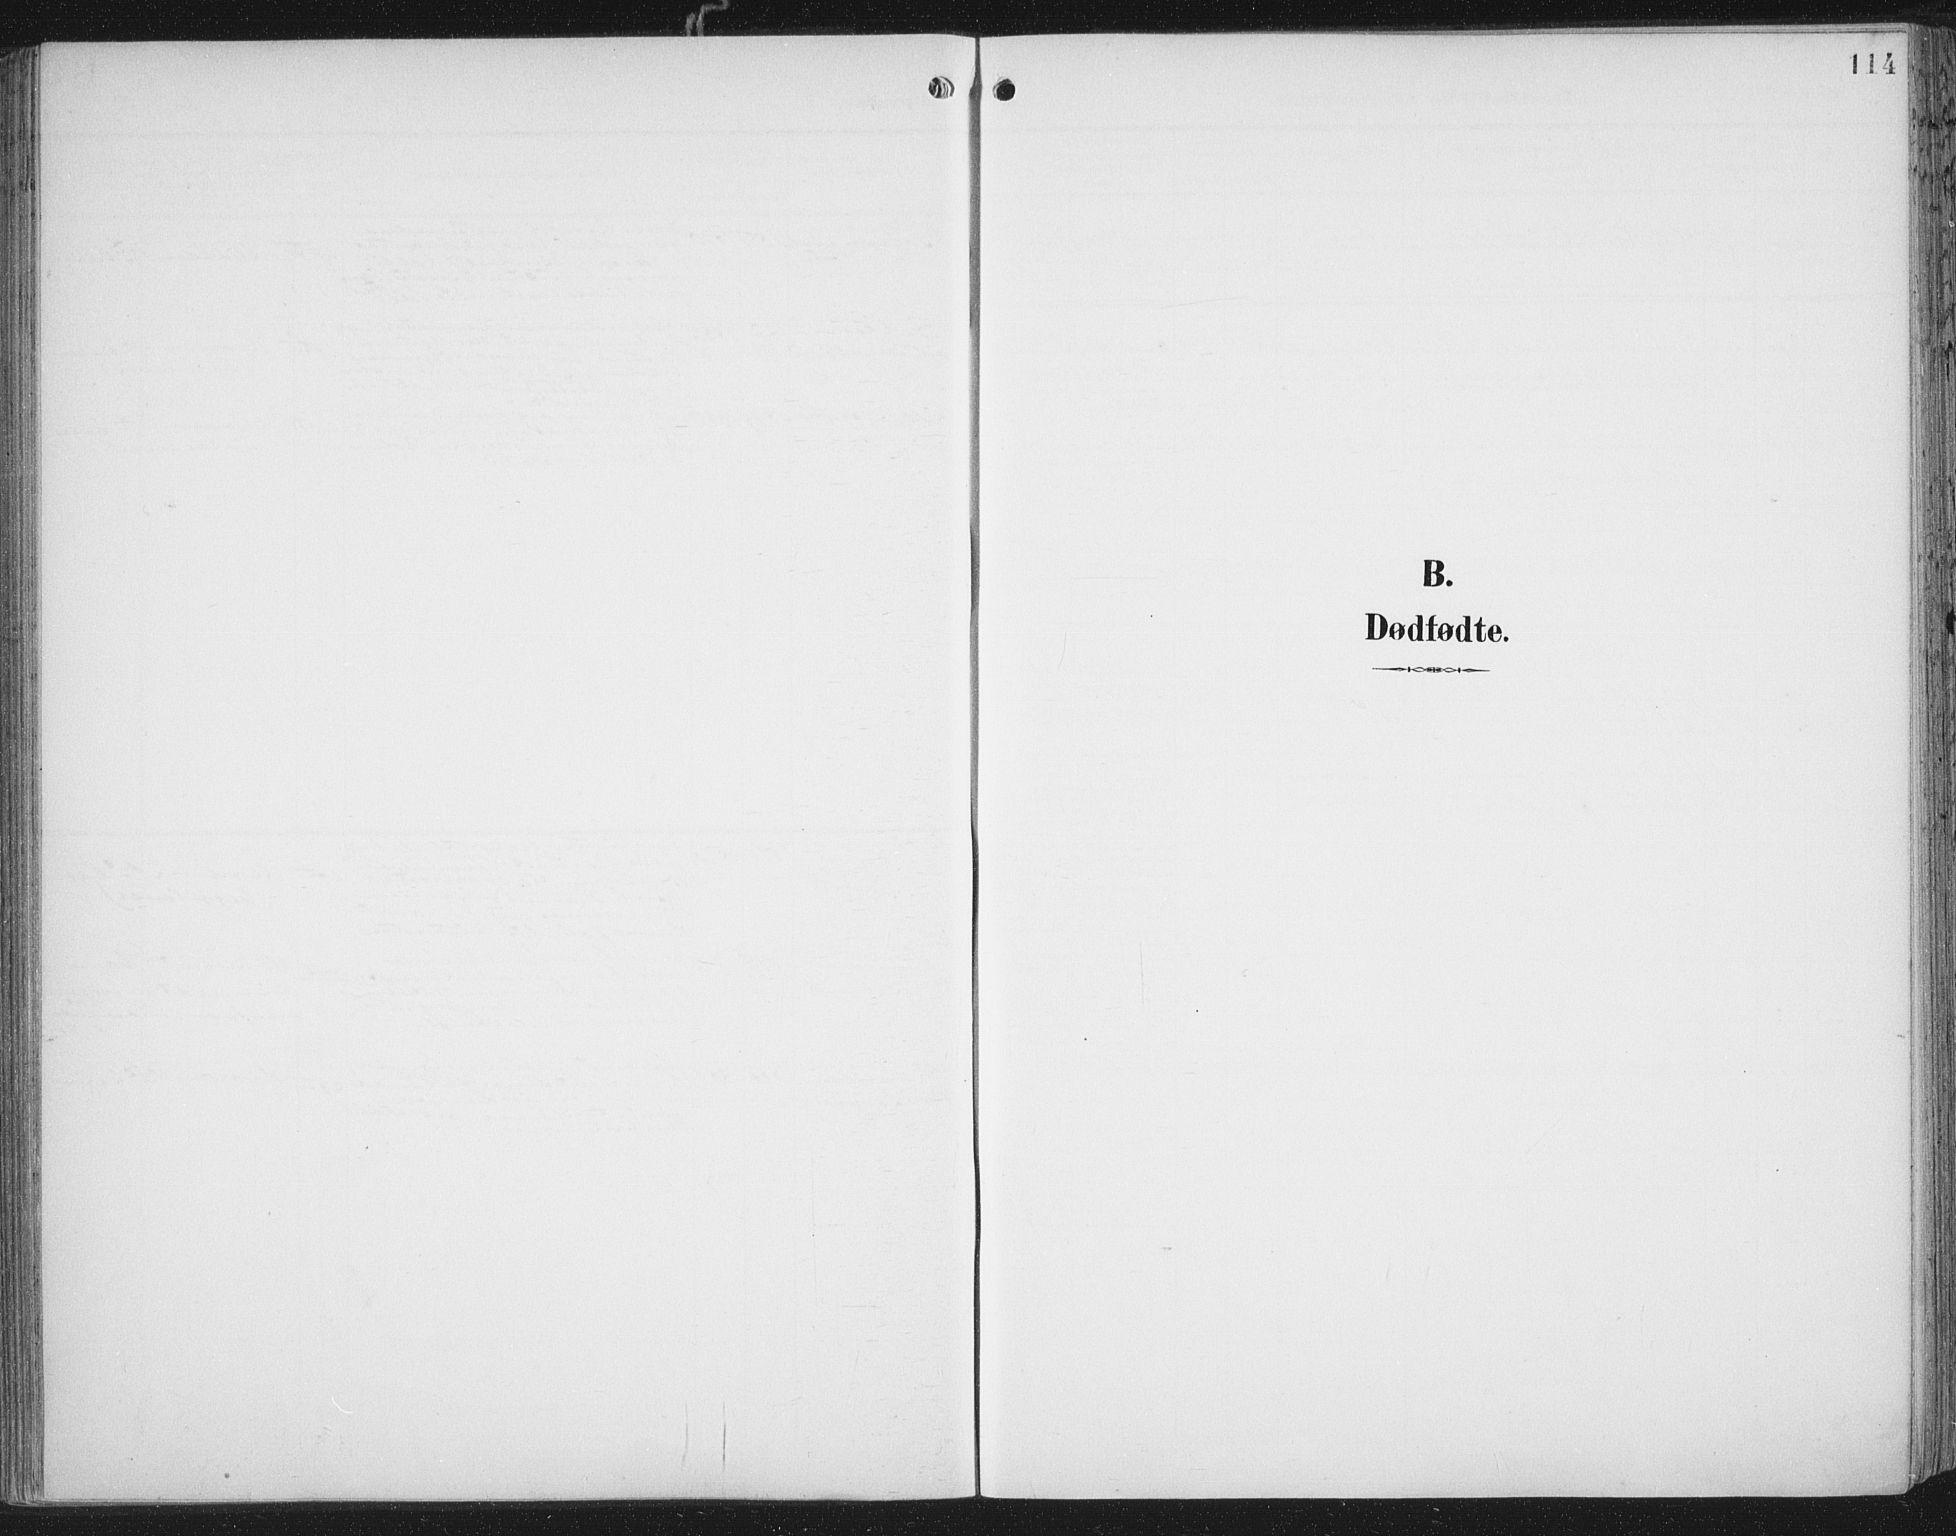 SAT, Ministerialprotokoller, klokkerbøker og fødselsregistre - Nord-Trøndelag, 701/L0011: Parish register (official) no. 701A11, 1899-1915, p. 114